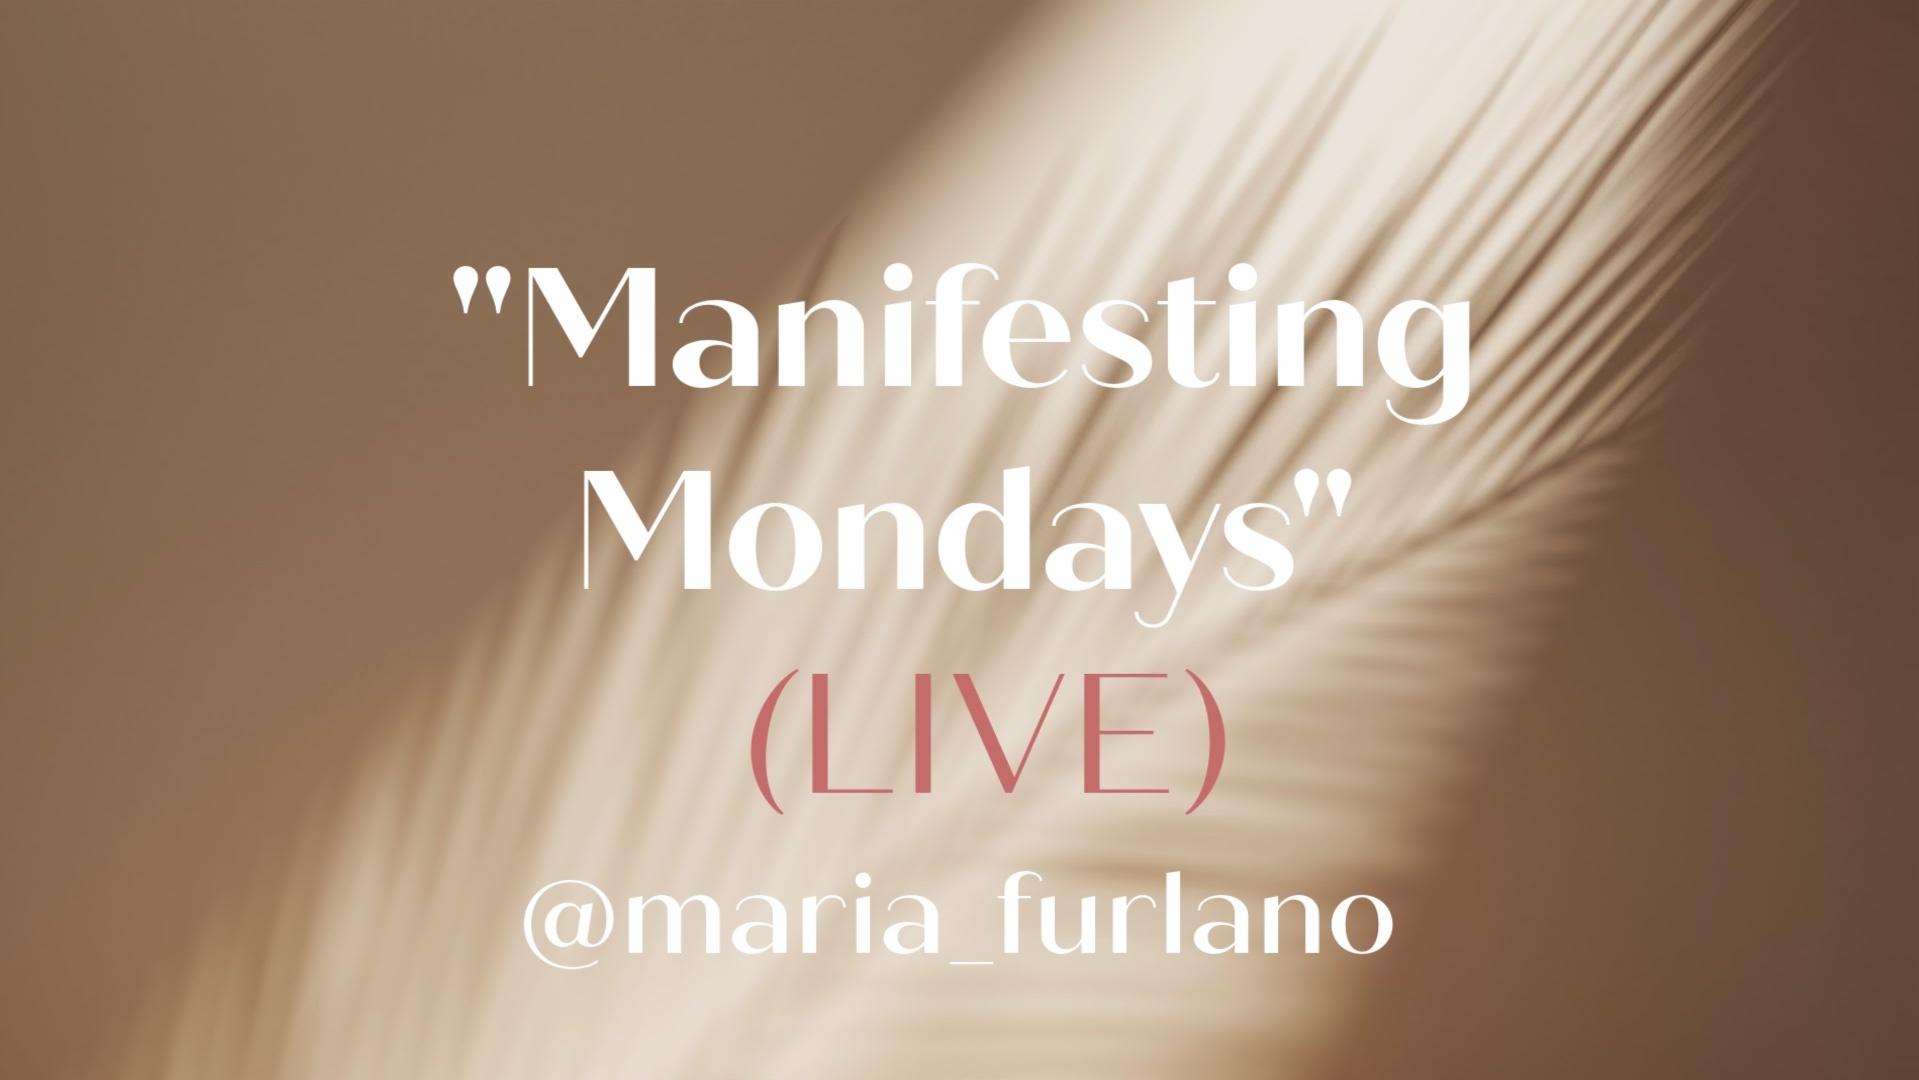 Manifesting Mondays Live Maria Furlano Instagram